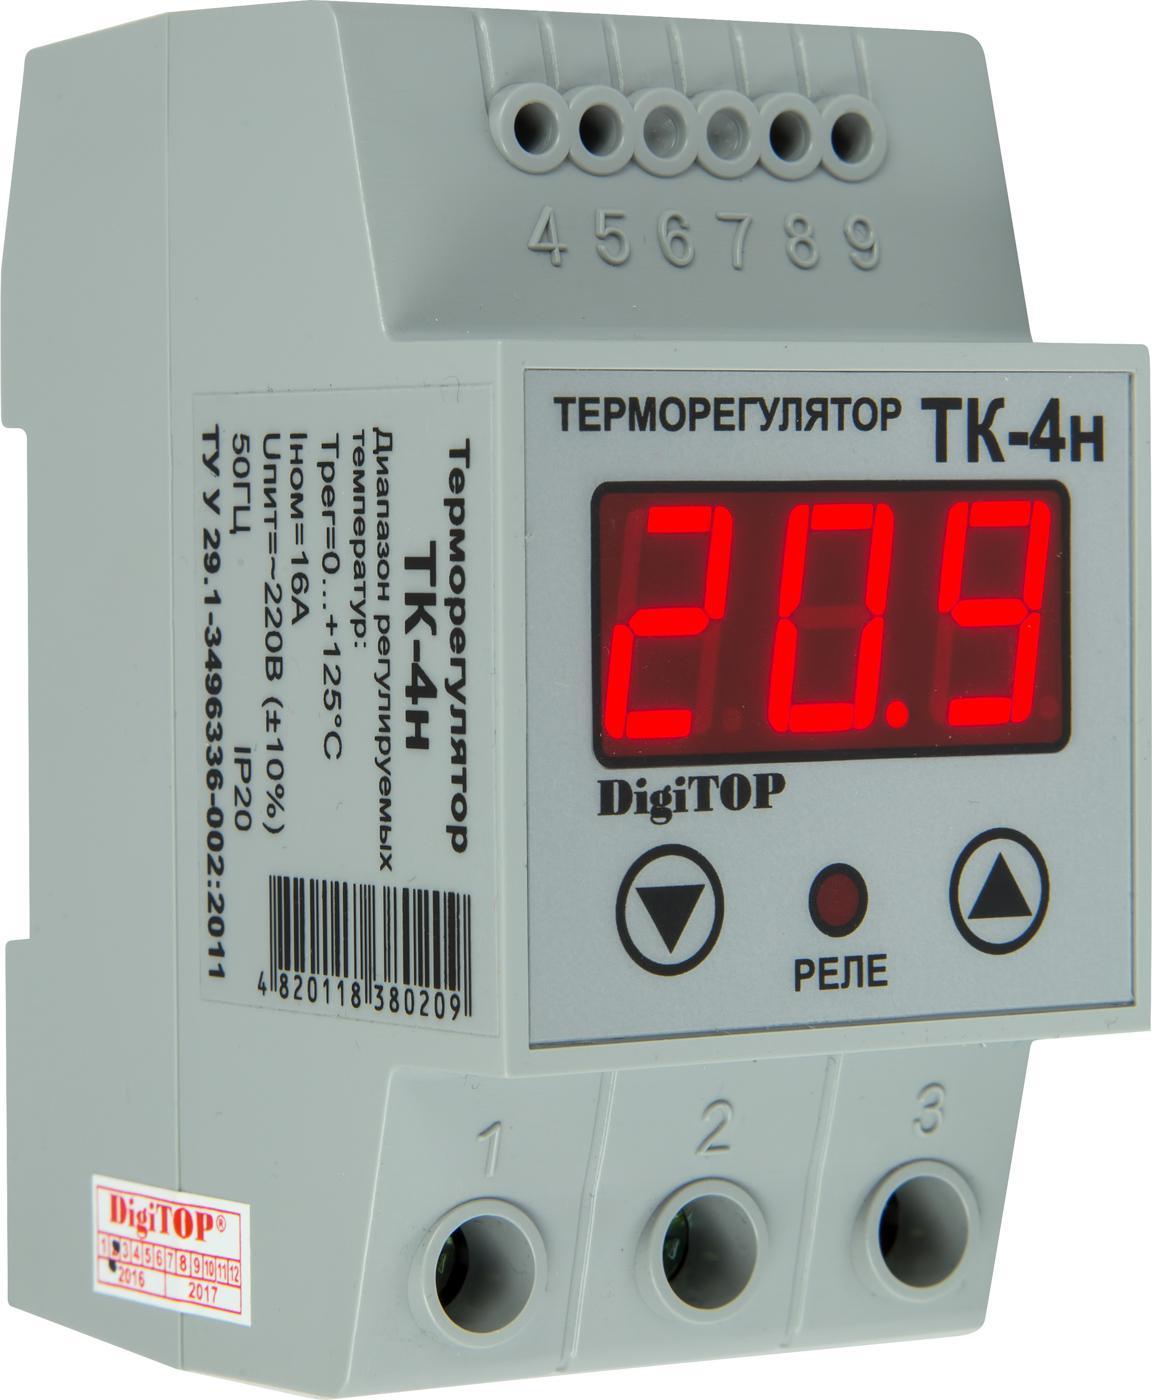 все цены на Терморегулятор Digitop ТК-4н онлайн